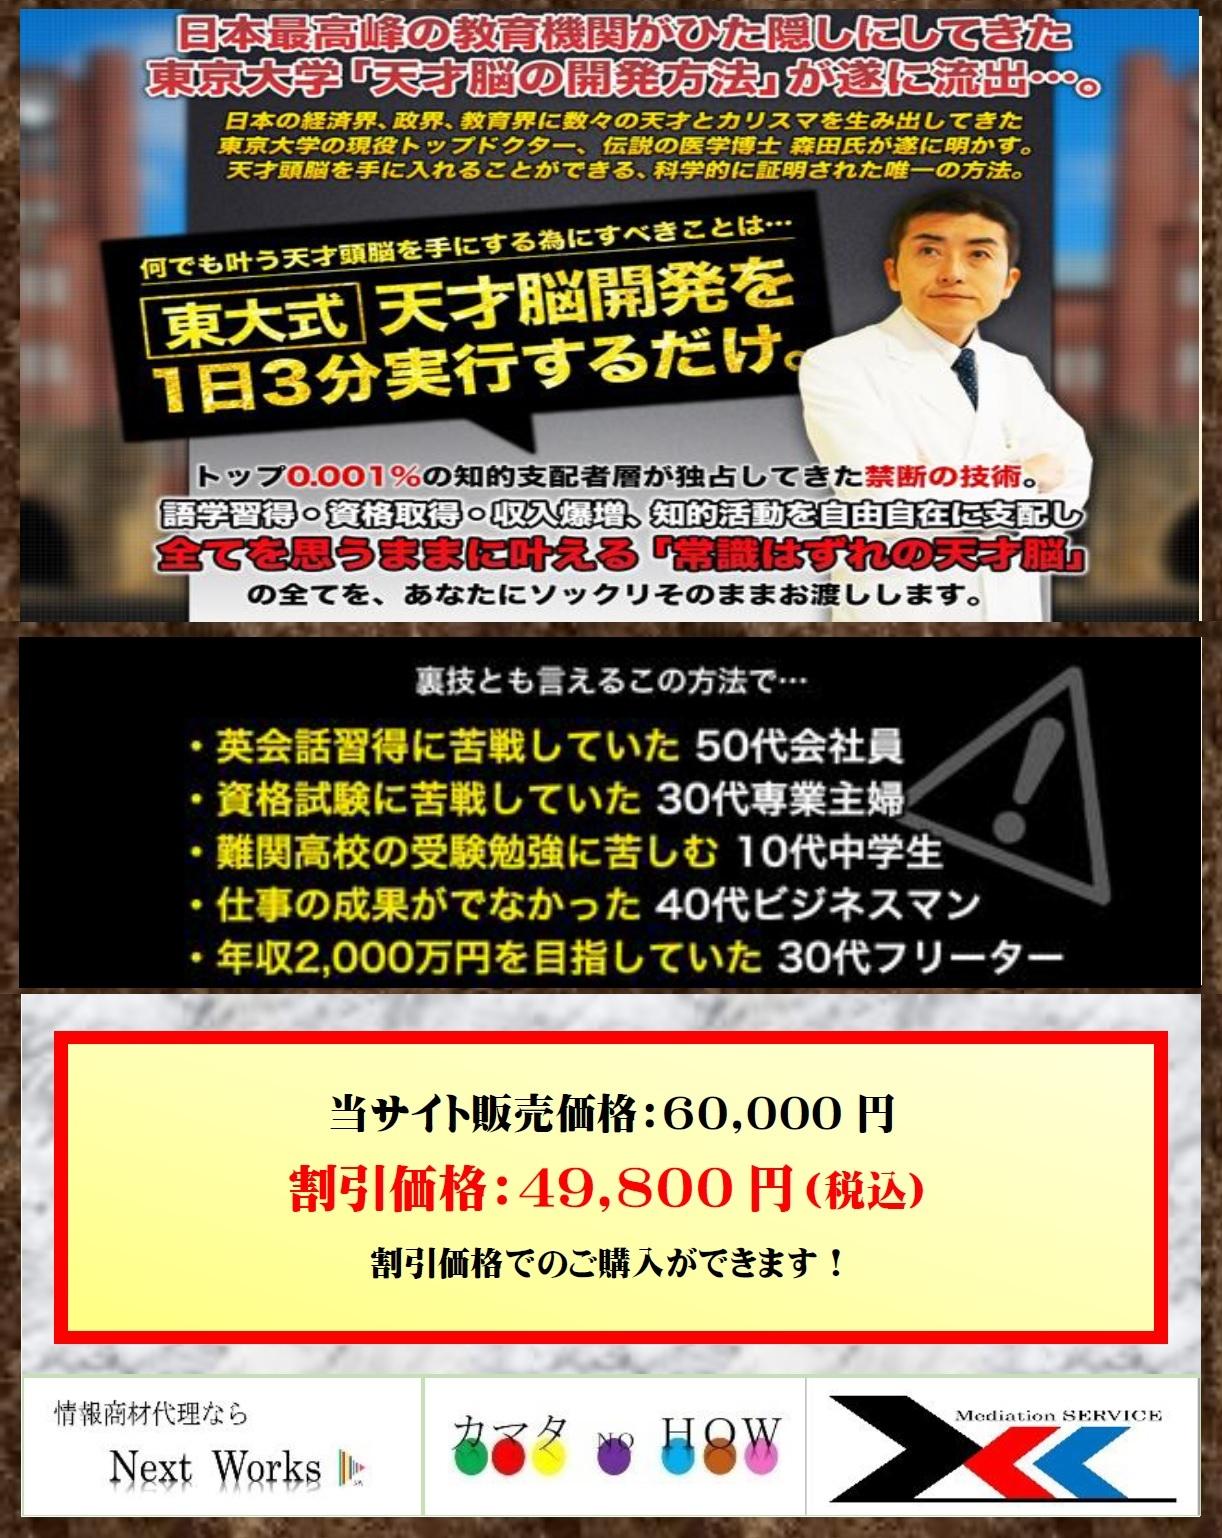 天才脳開発パーフェクトブレイン【東大医師監修】